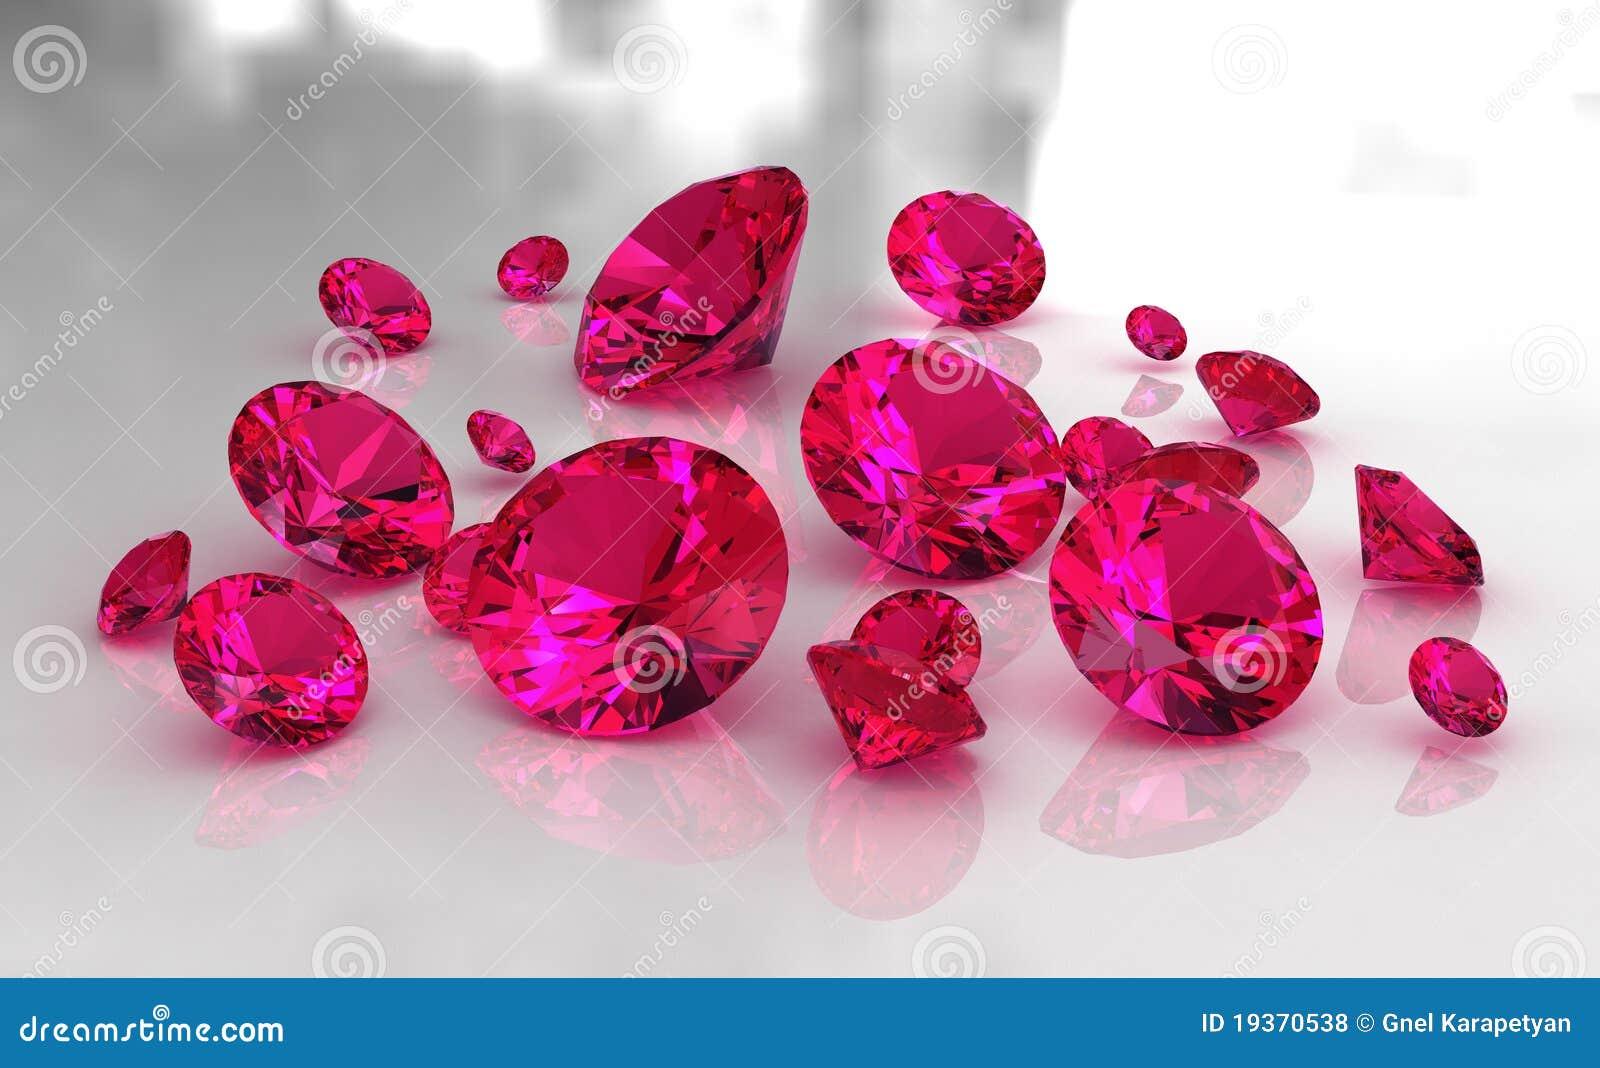 Jogo de pedras vermelhas redondas do rubi na superfície lustrosa